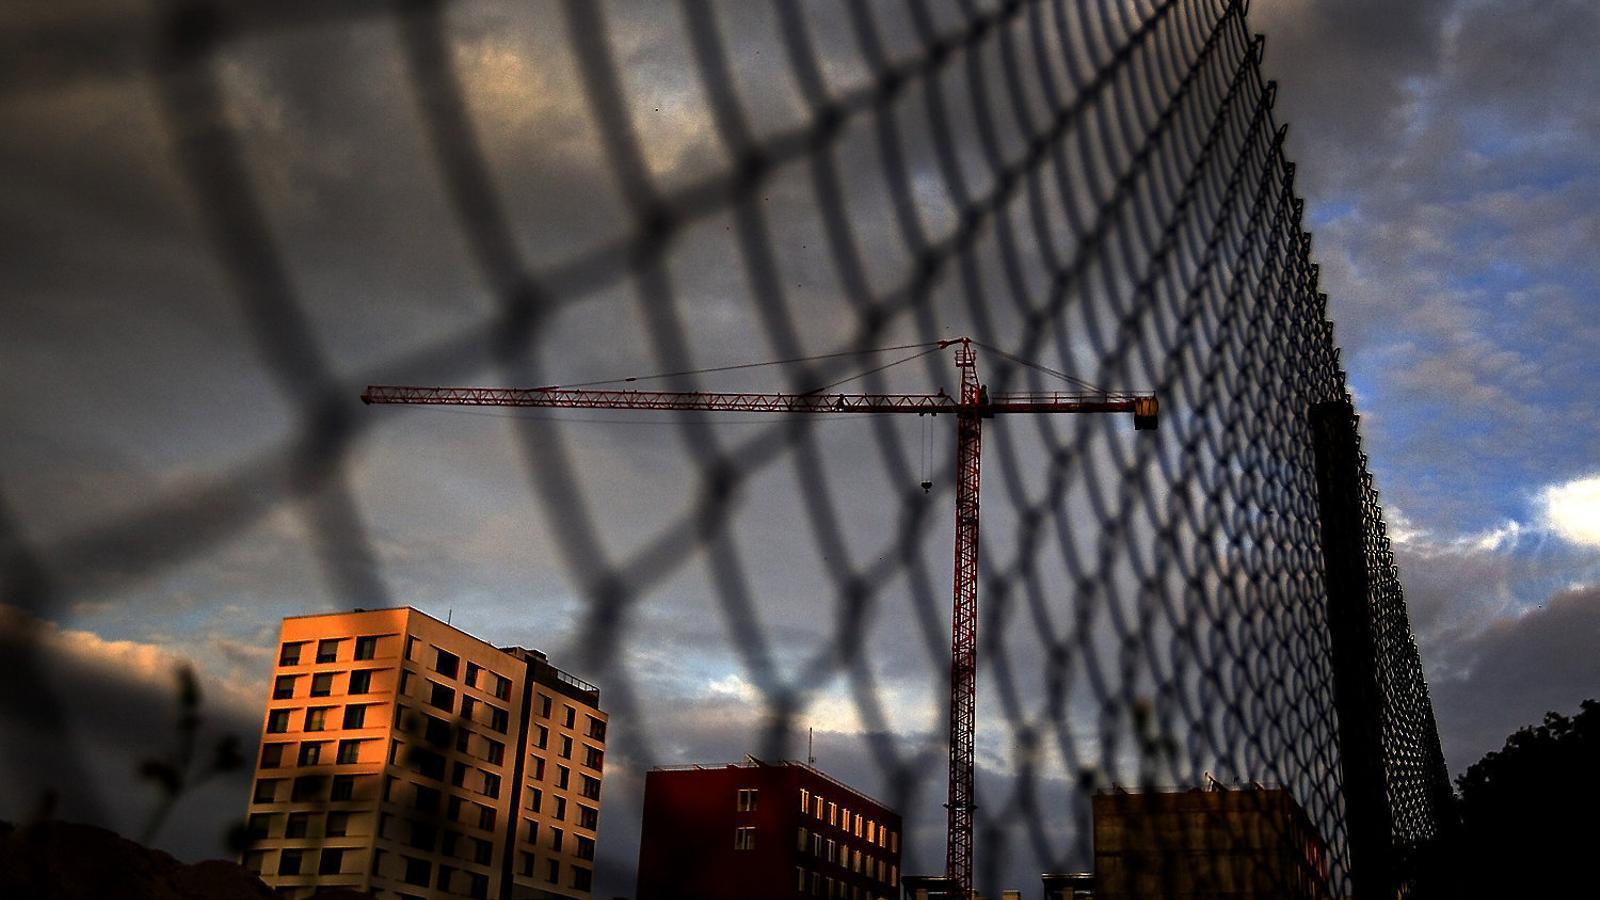 Una promoció immobiliària en construcció a la ciutat de Barcelona.